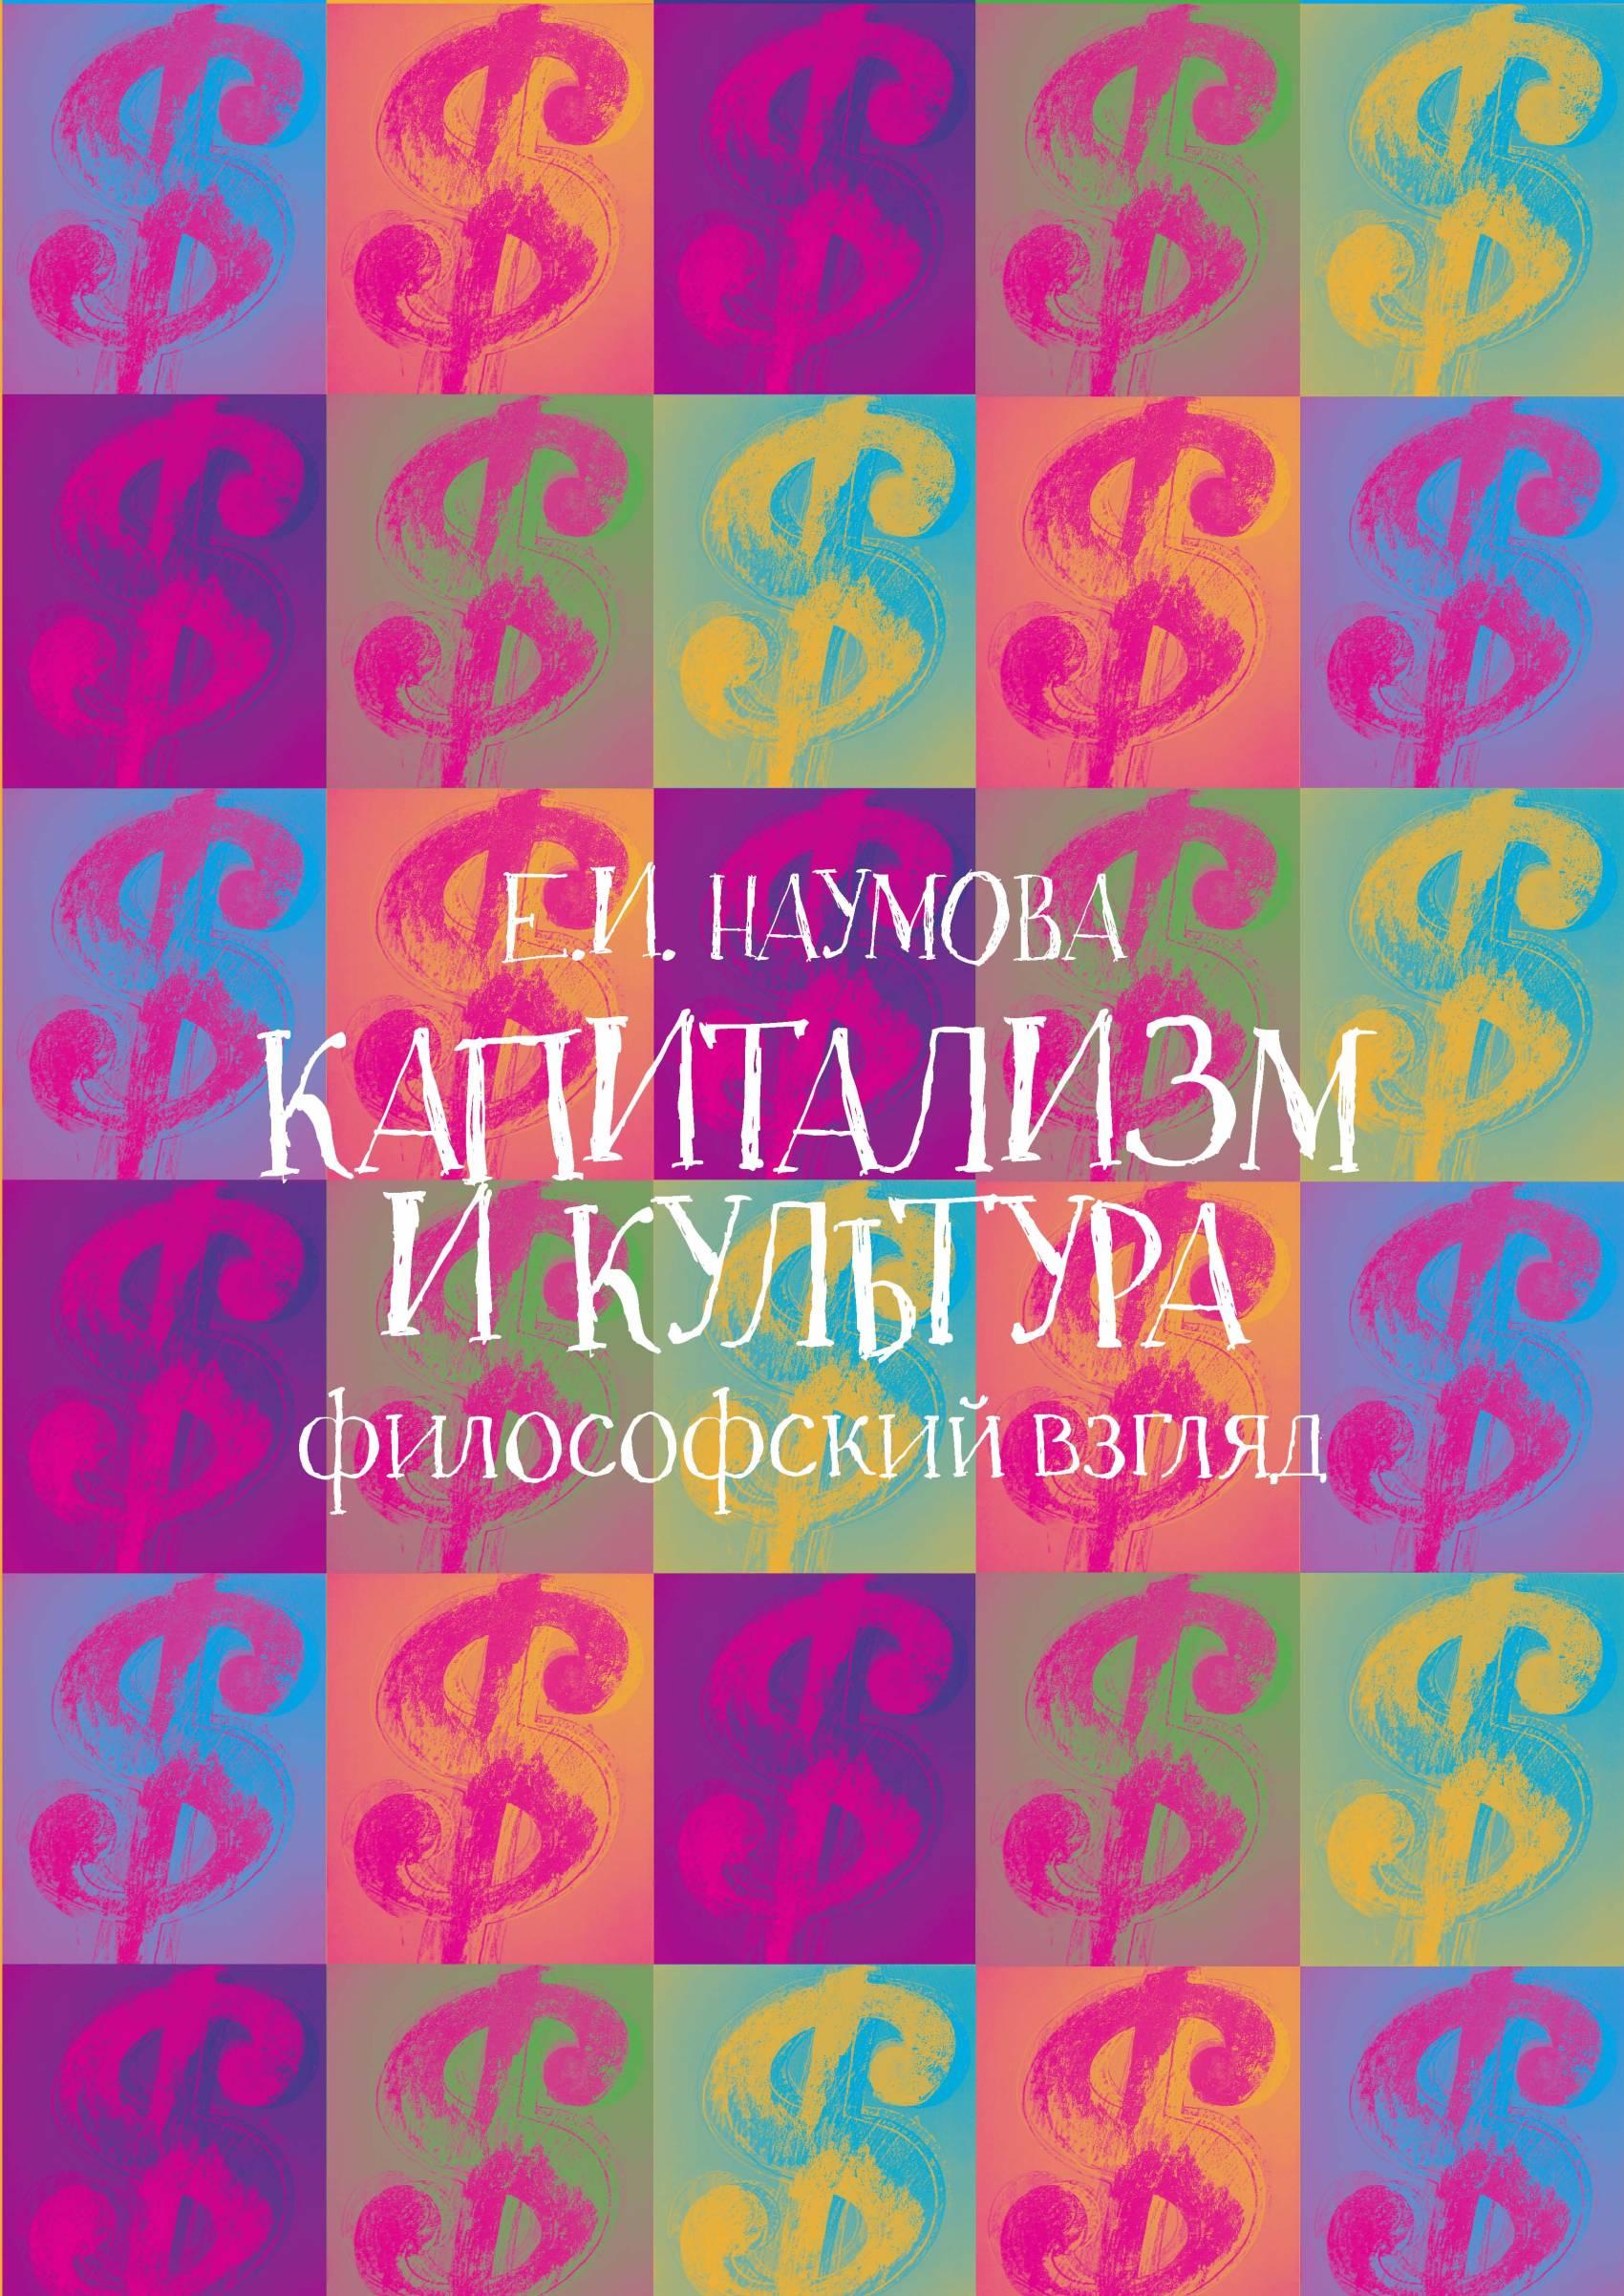 Капитализм и культура: философский взгляд